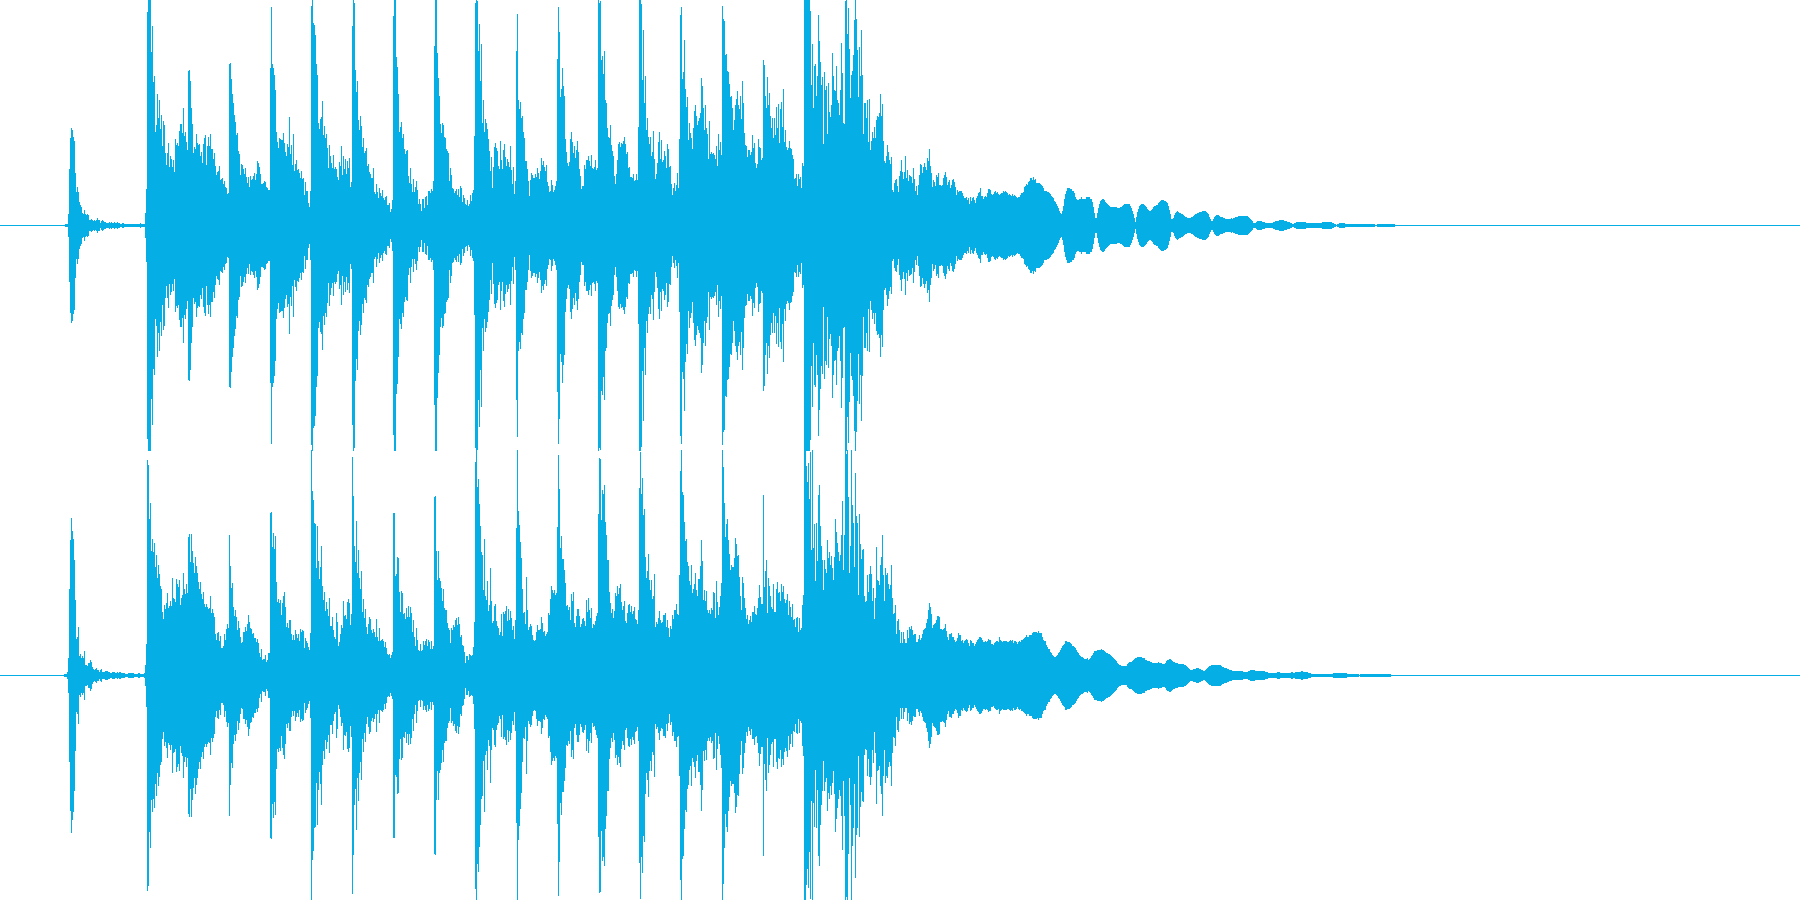 三味線主体の和風ジングル2 掛け声有の再生済みの波形